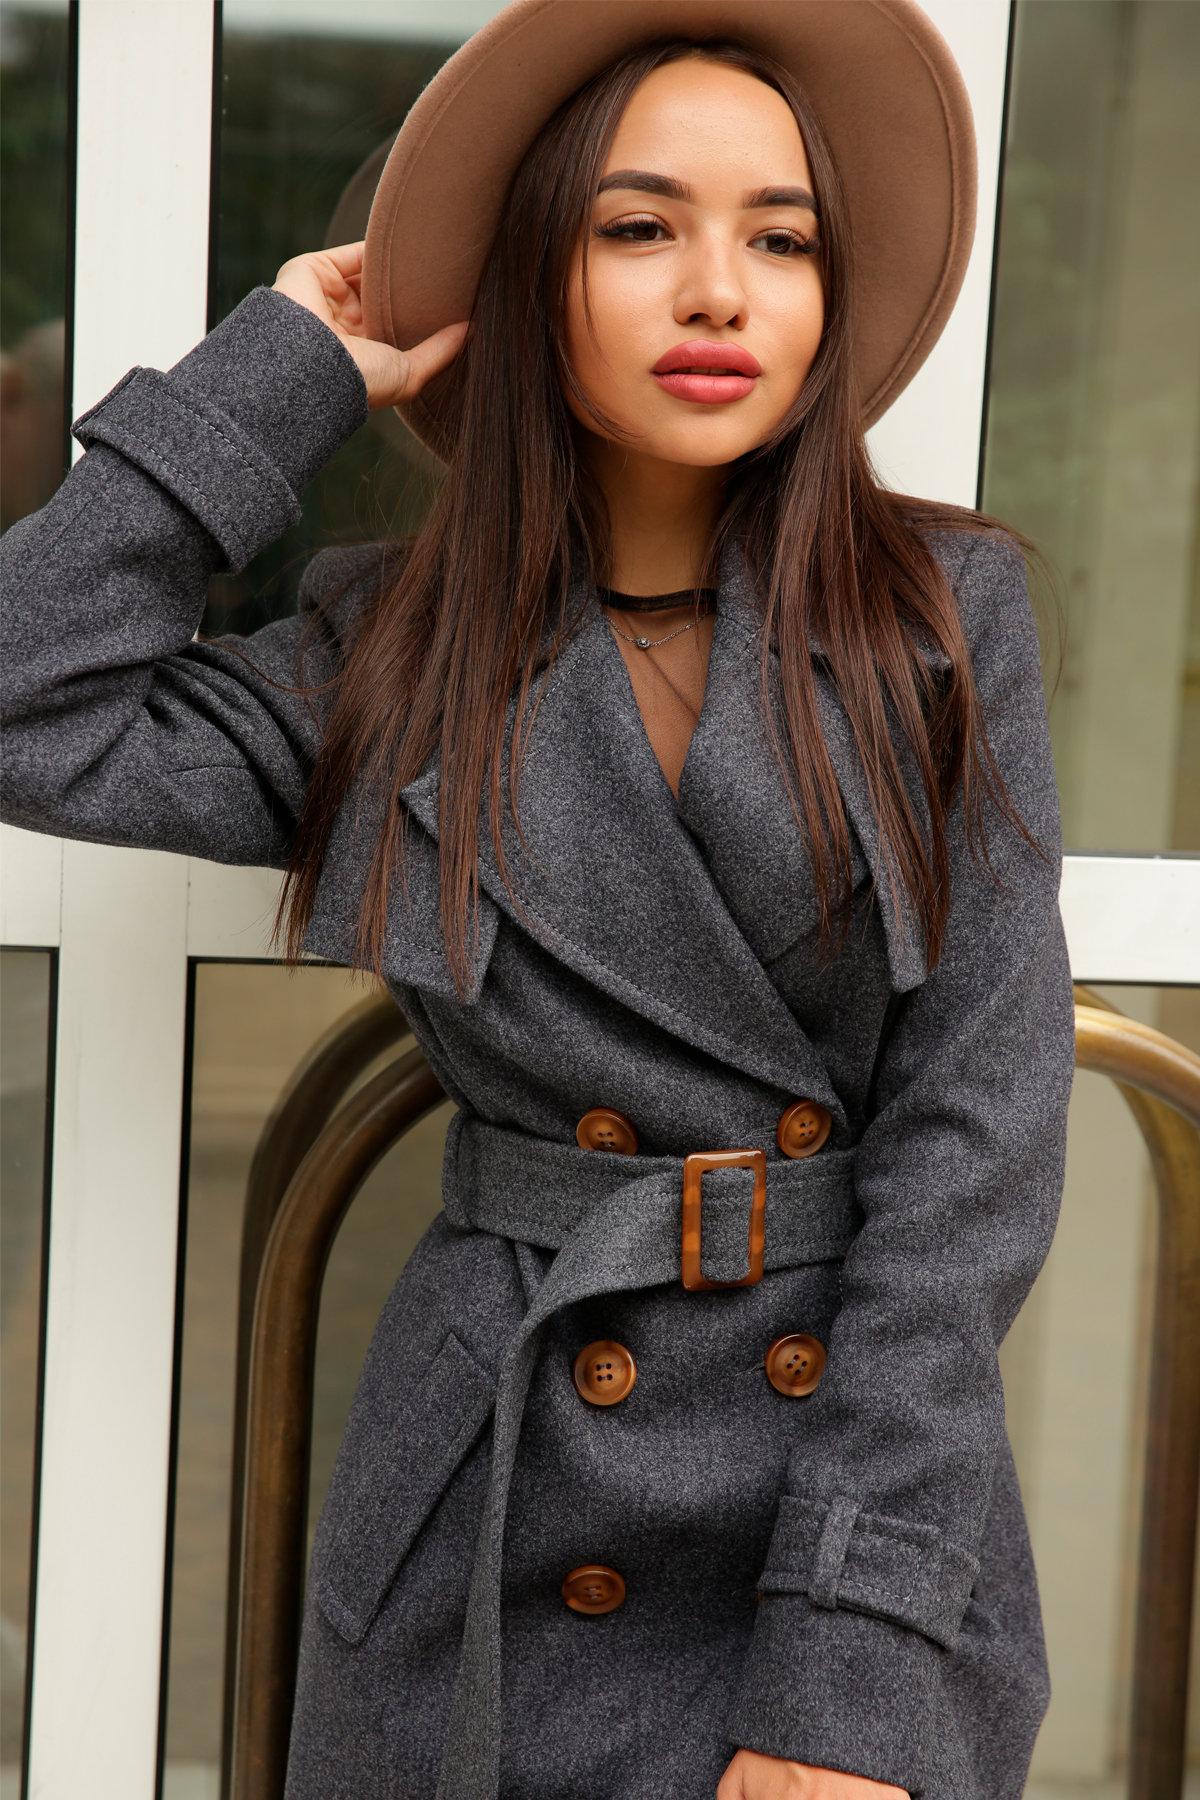 Двубортное пальто демисезон Монте 8089 АРТ. 44032 Цвет: т. синий 543 - фото 14, интернет магазин tm-modus.ru